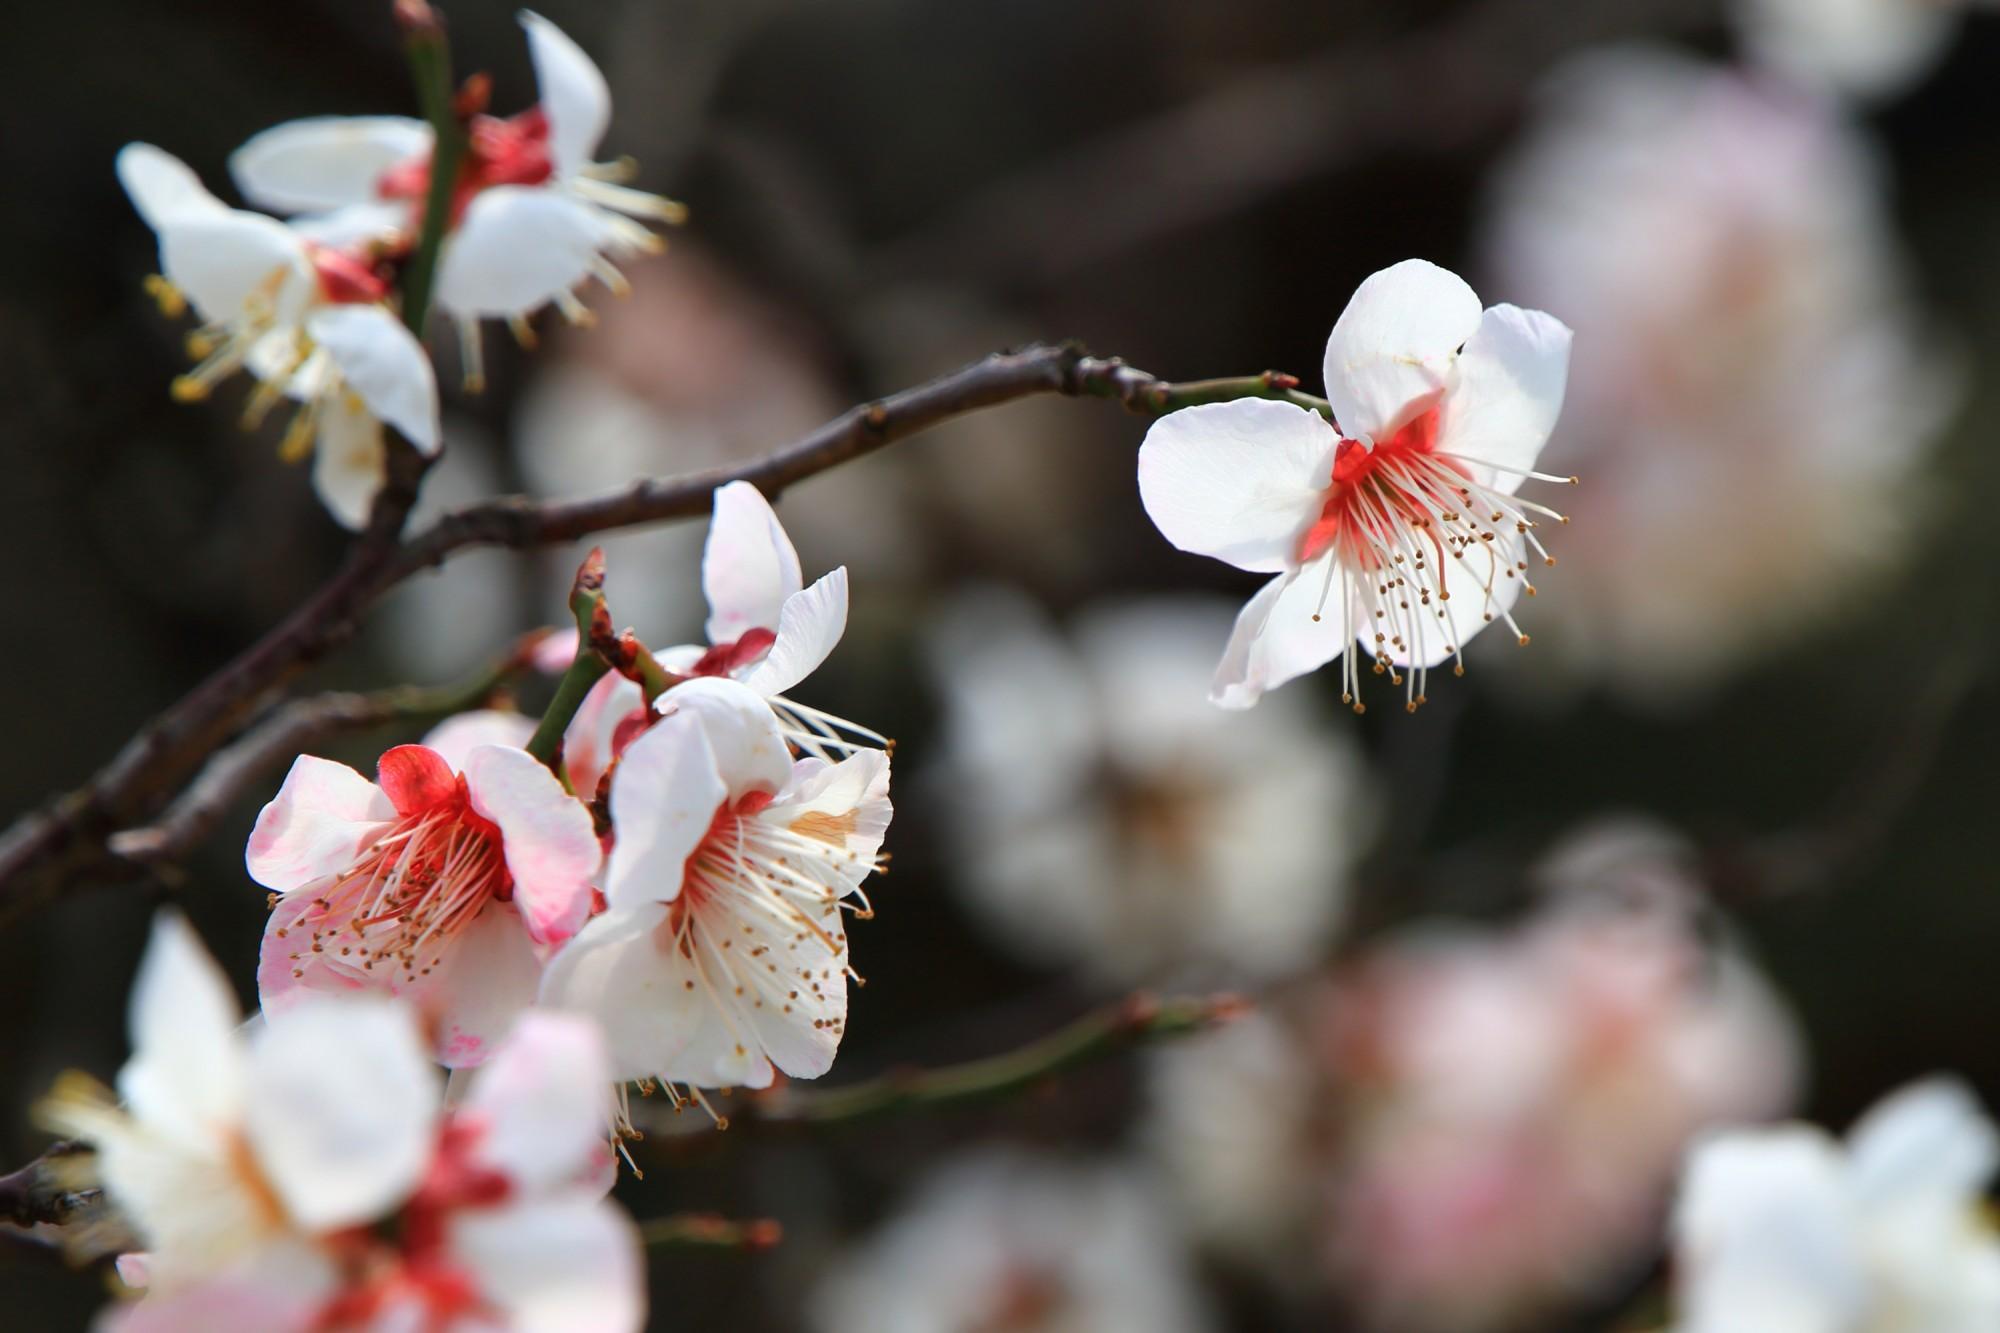 春の訪れを告げる可愛い梅の花